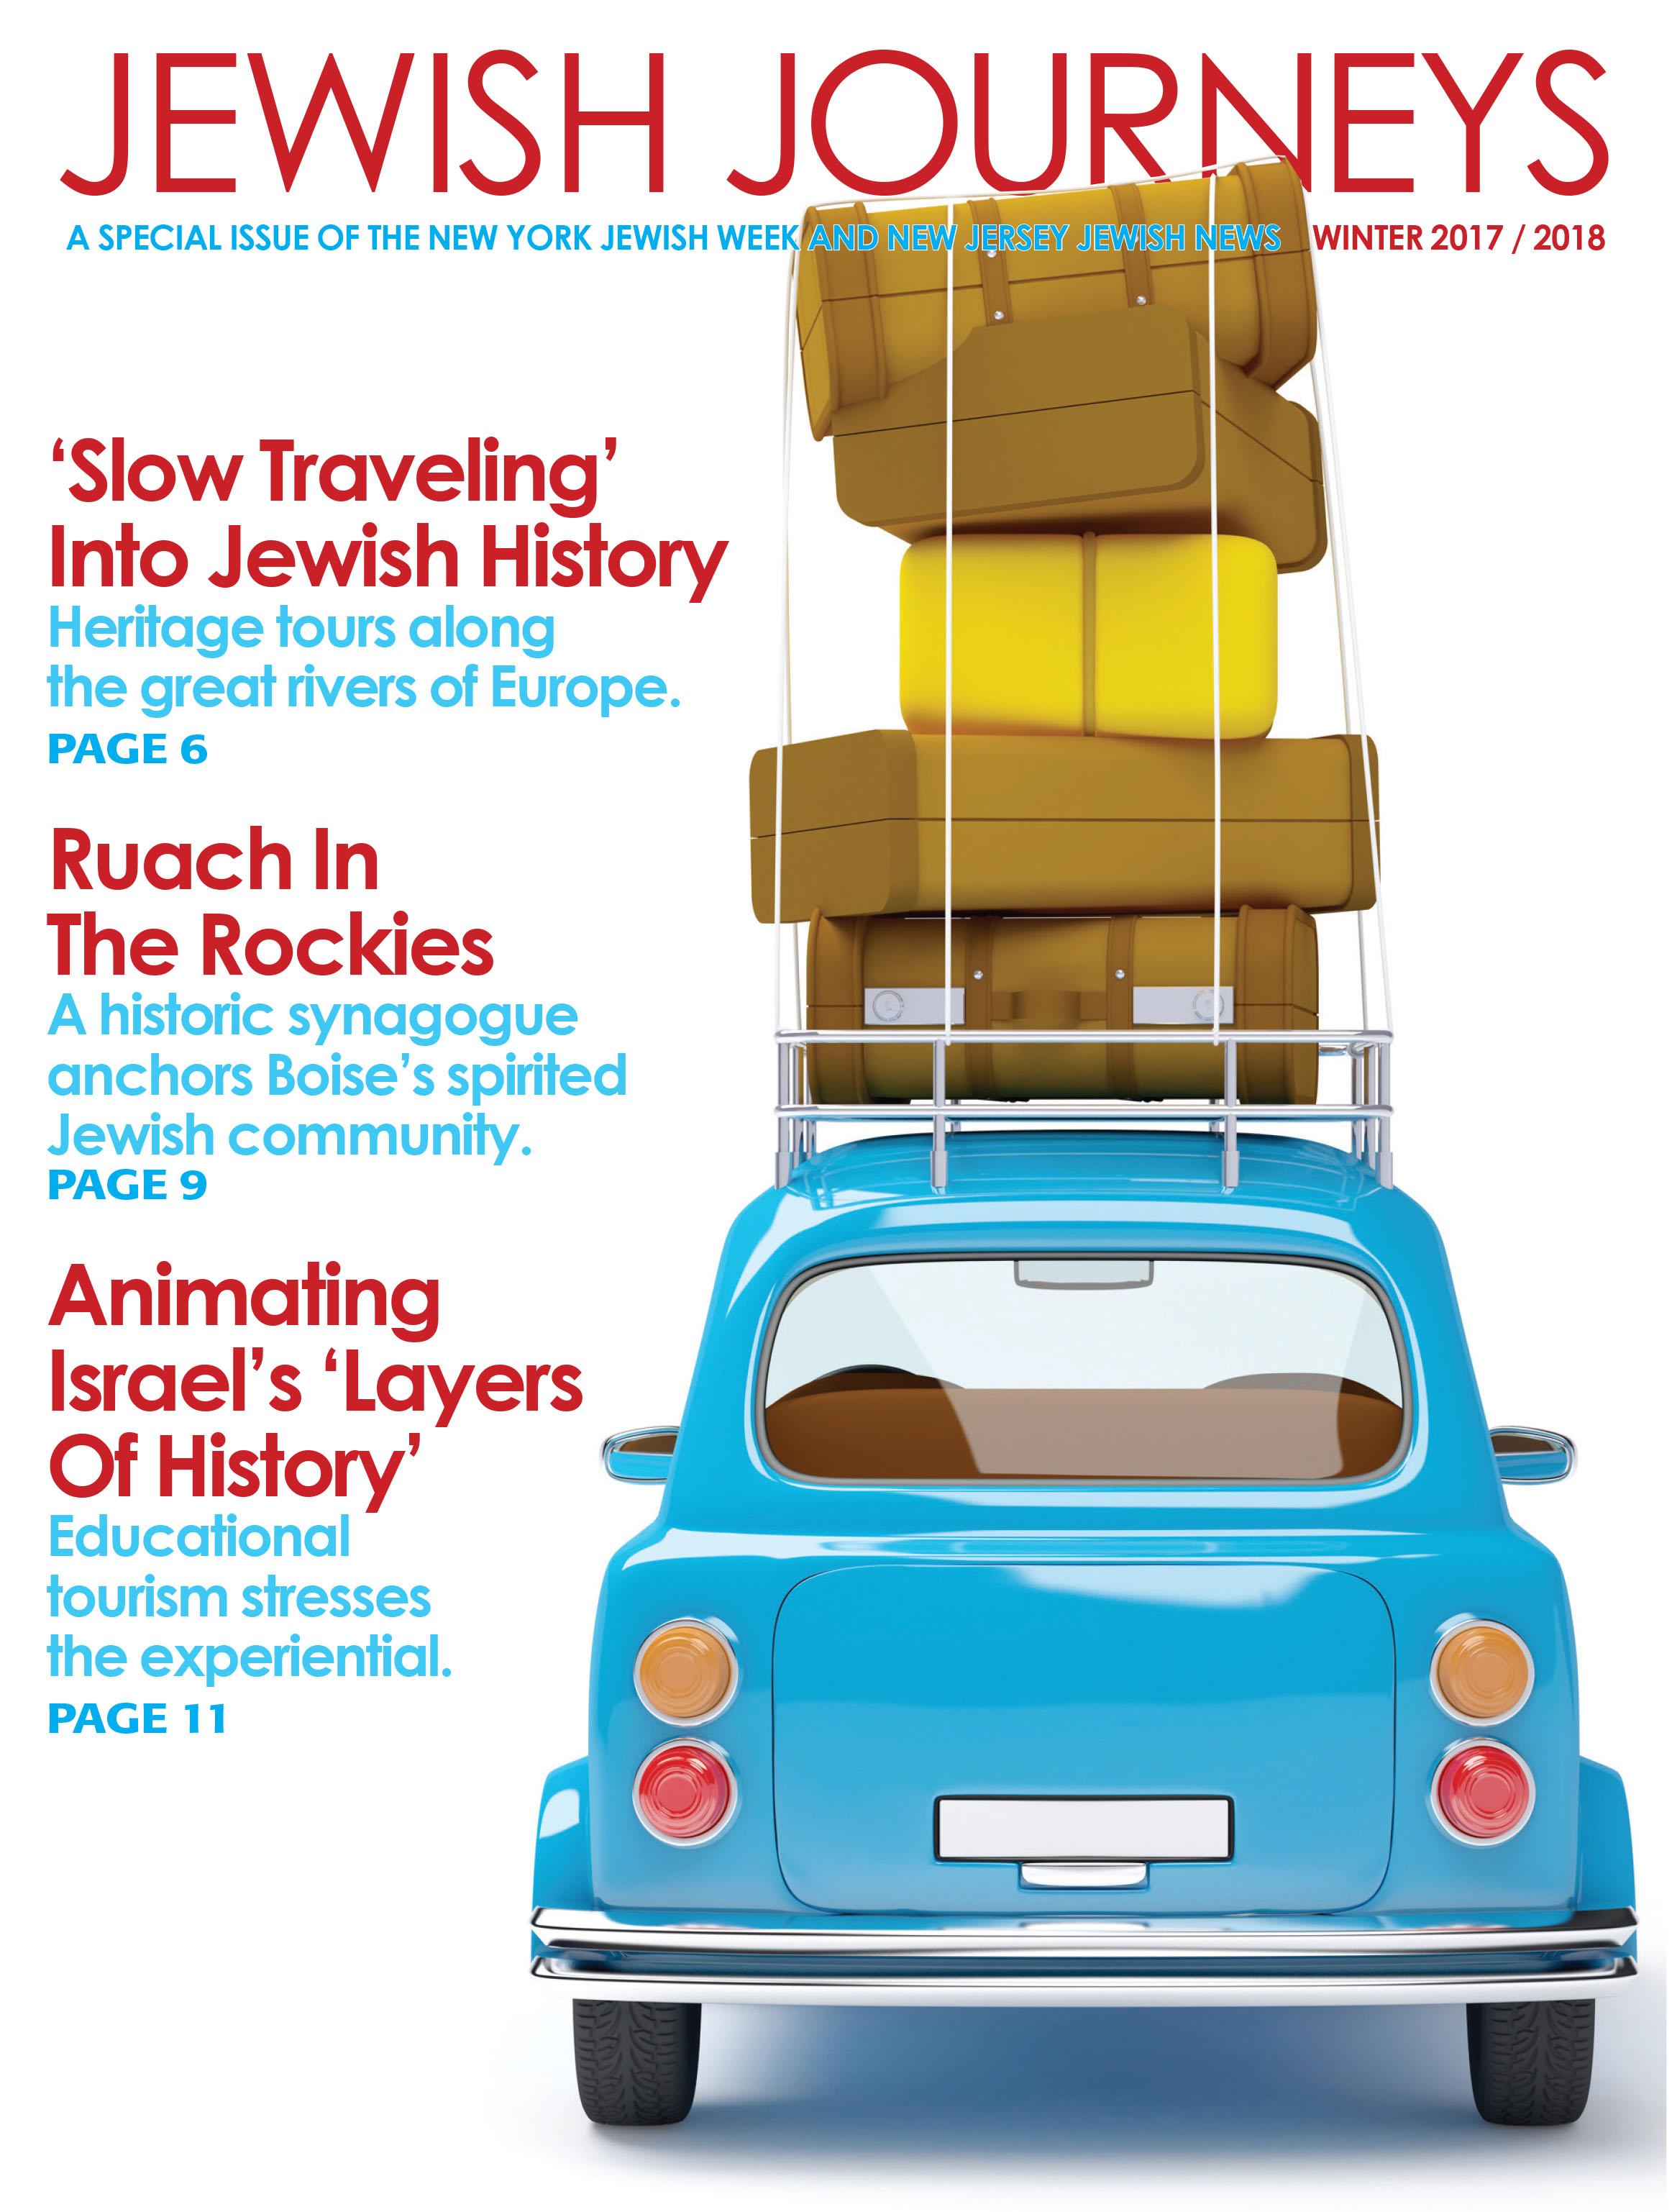 Jewish Journeys 12_2017.indd